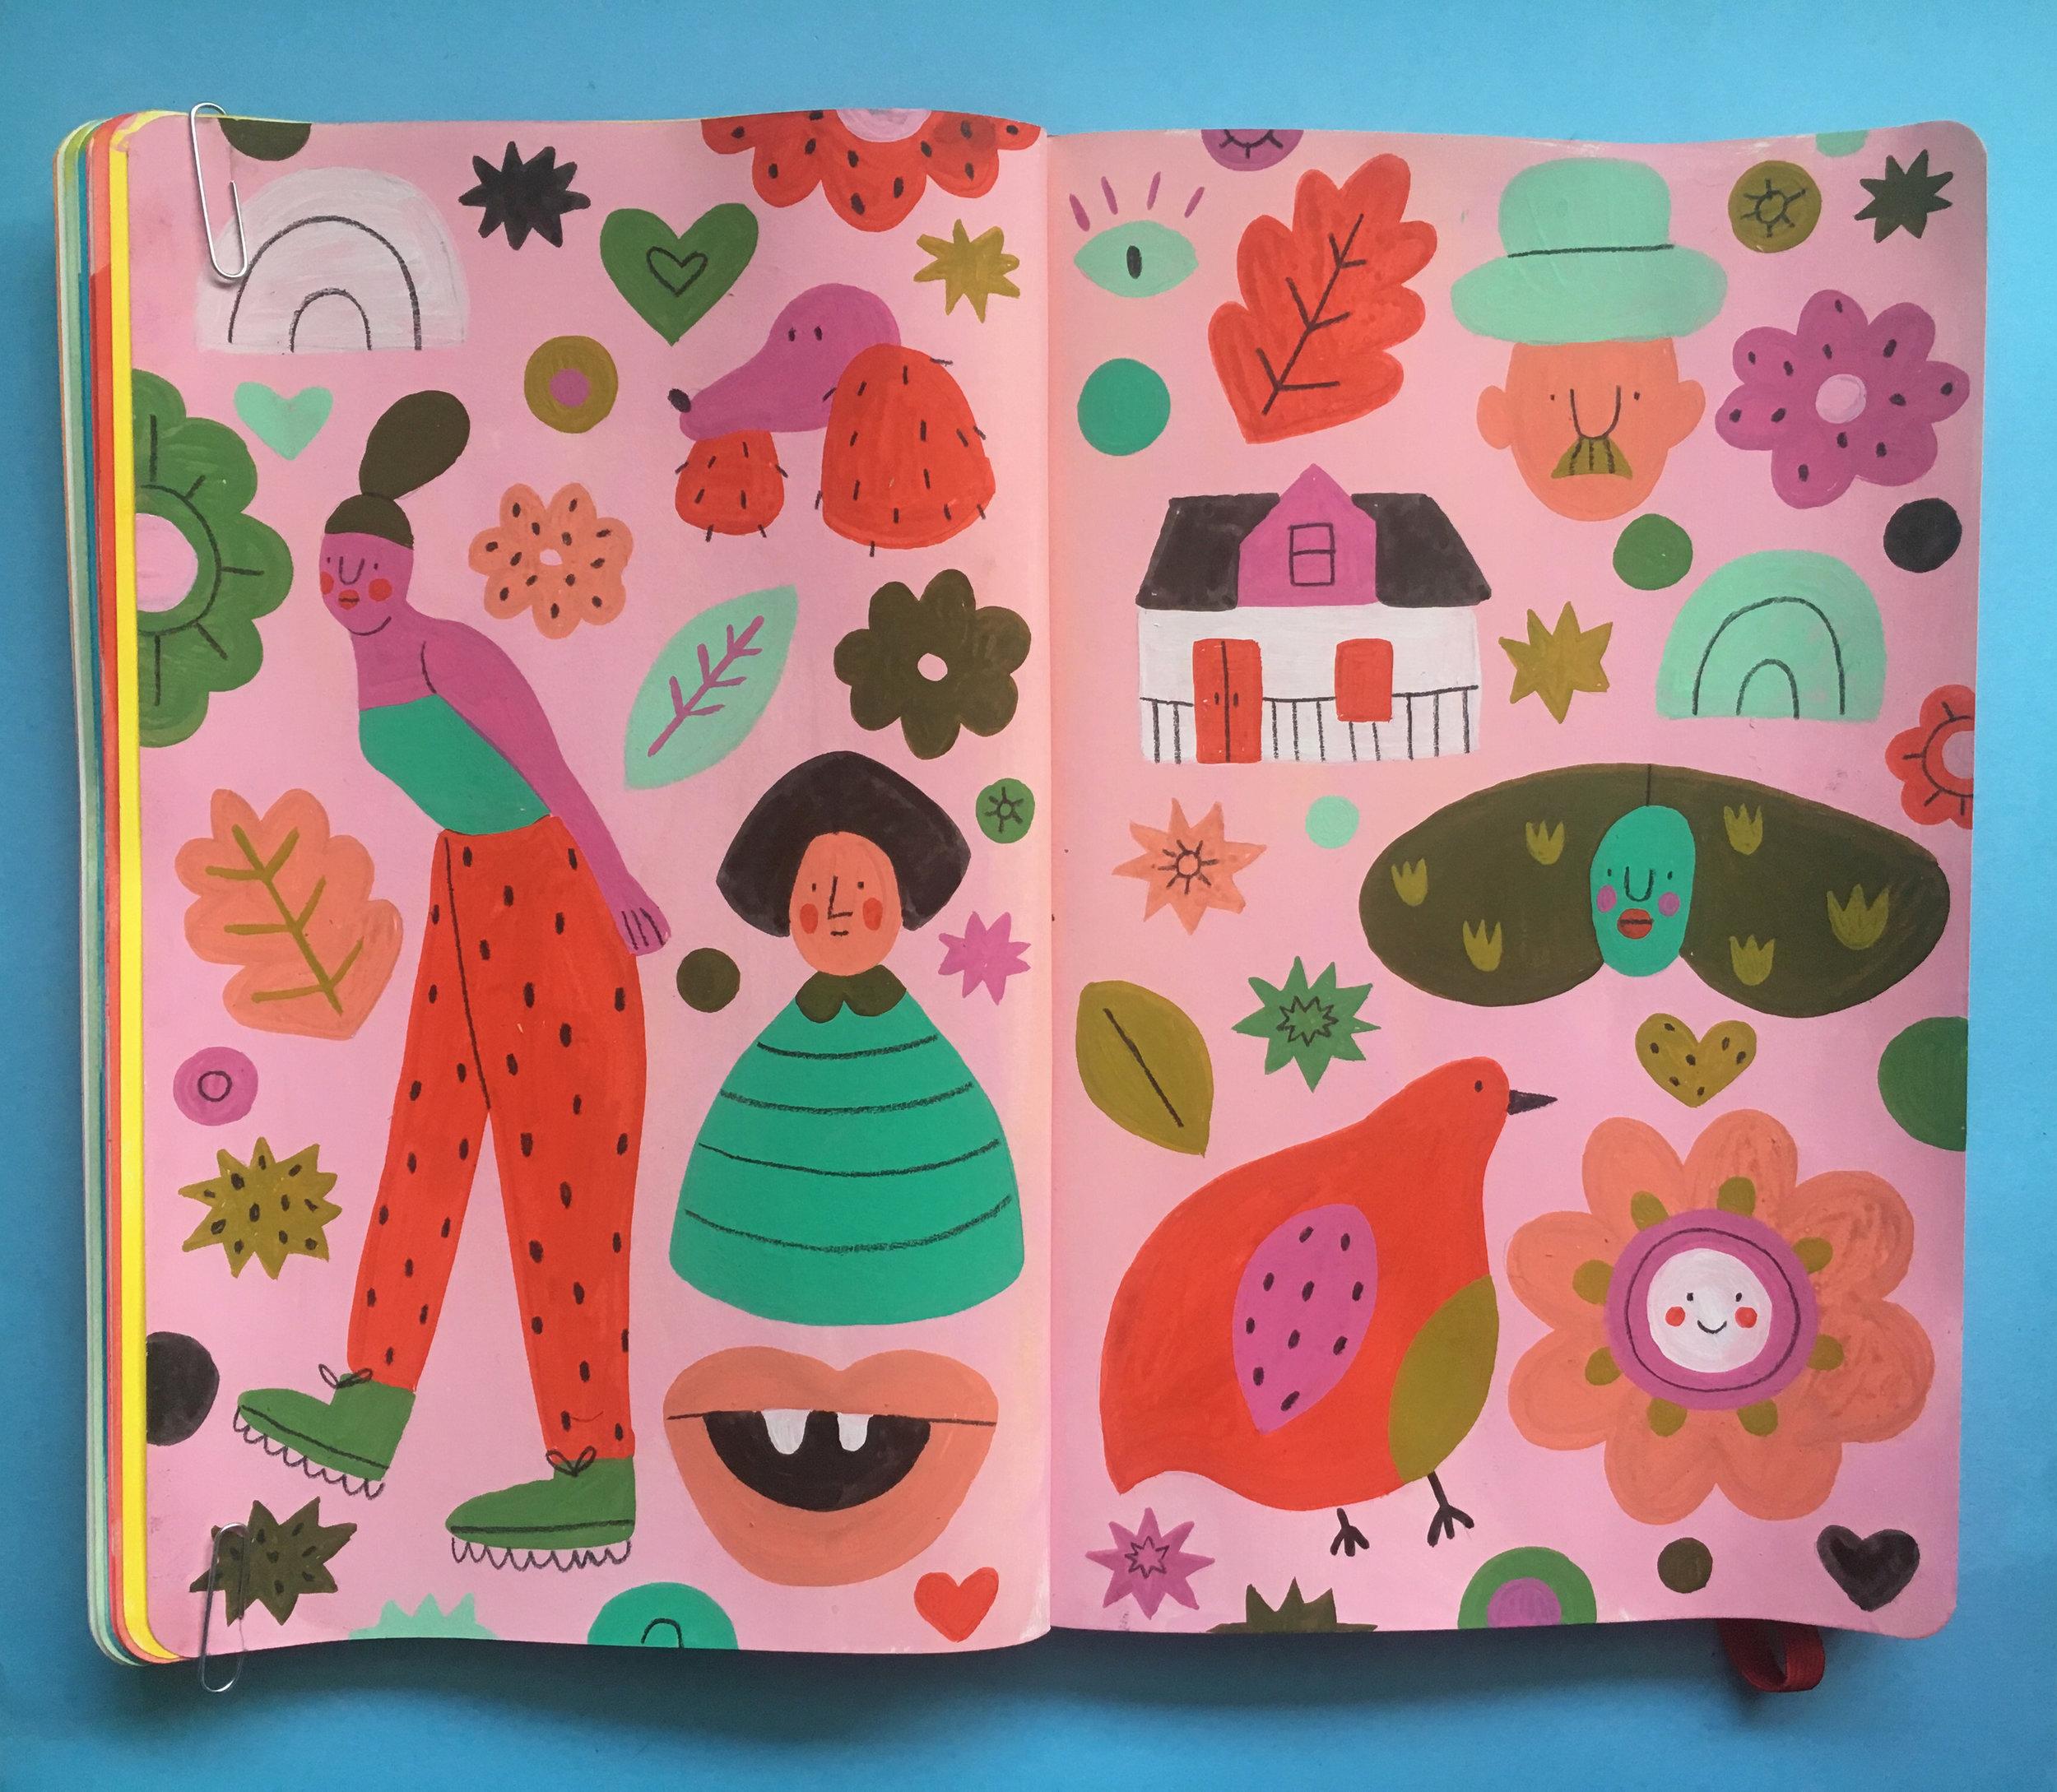 Sketchbook12-MollyEgan.jpg